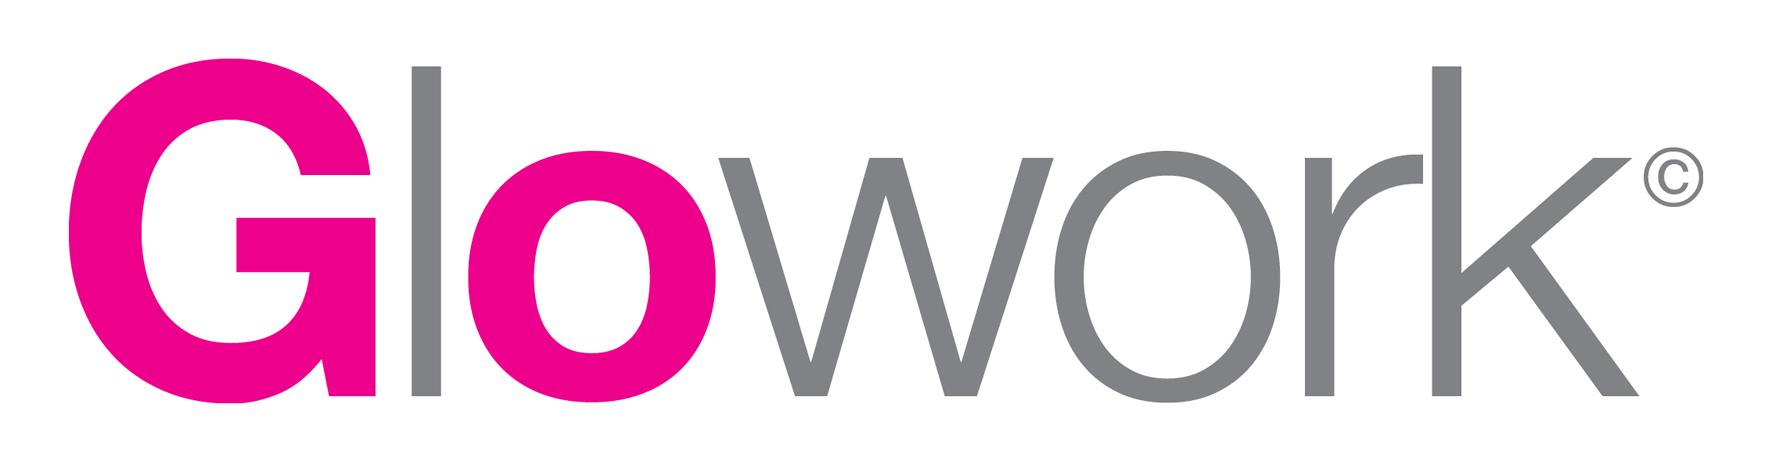 Glowork_Logo.jpg